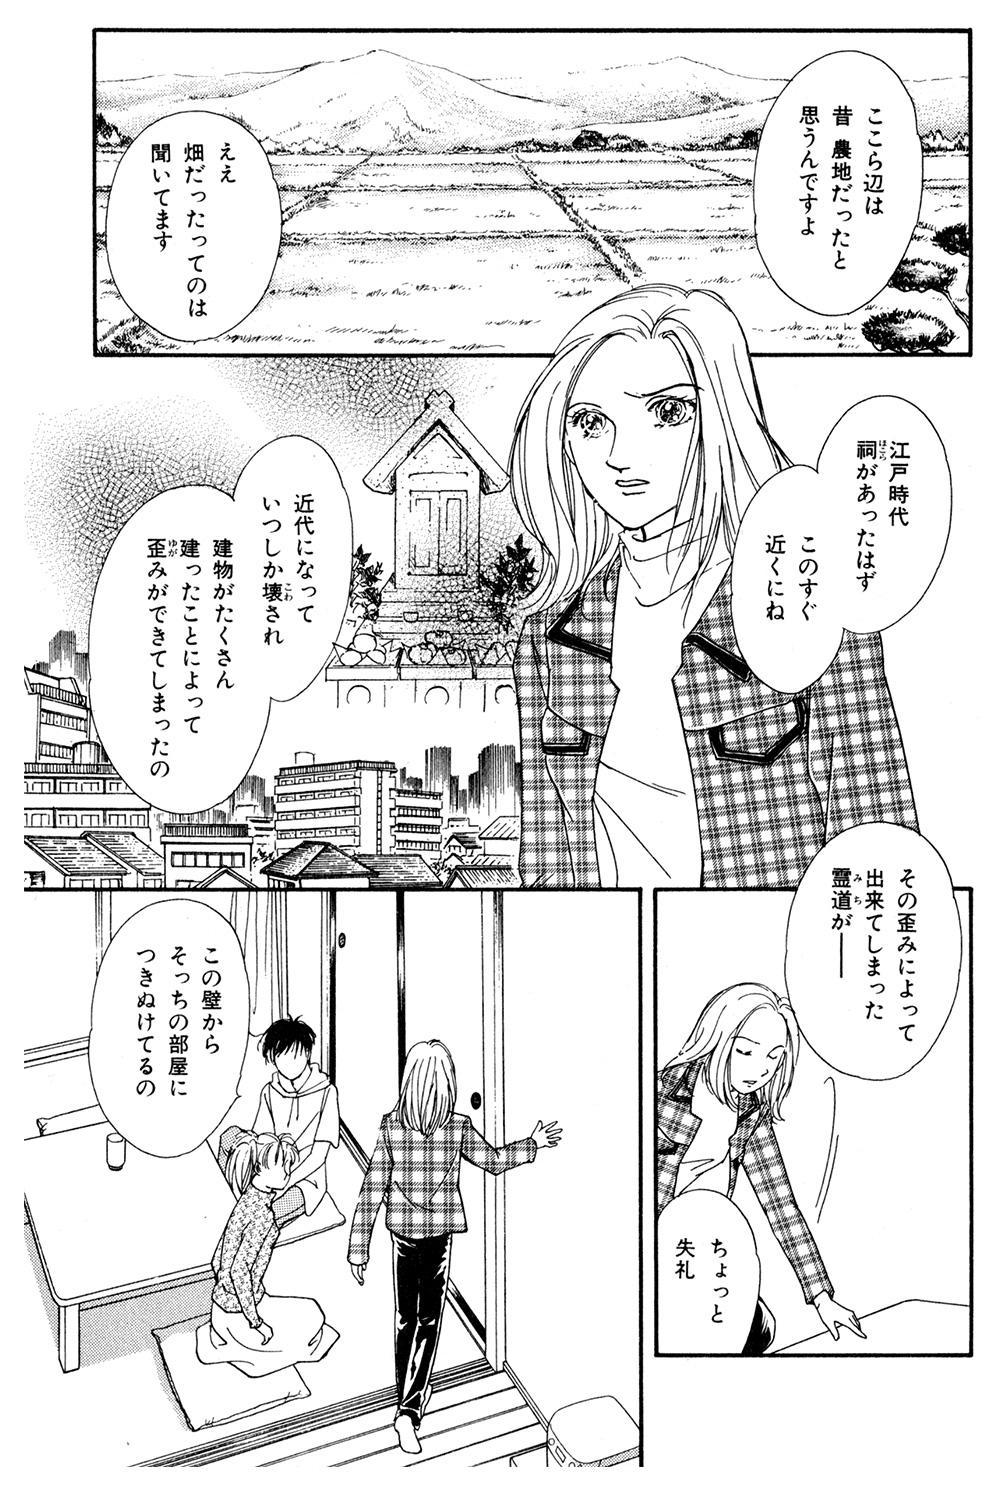 魔百合の恐怖報告 「災いを呼ぶ老婆」①rouba02-08.jpg